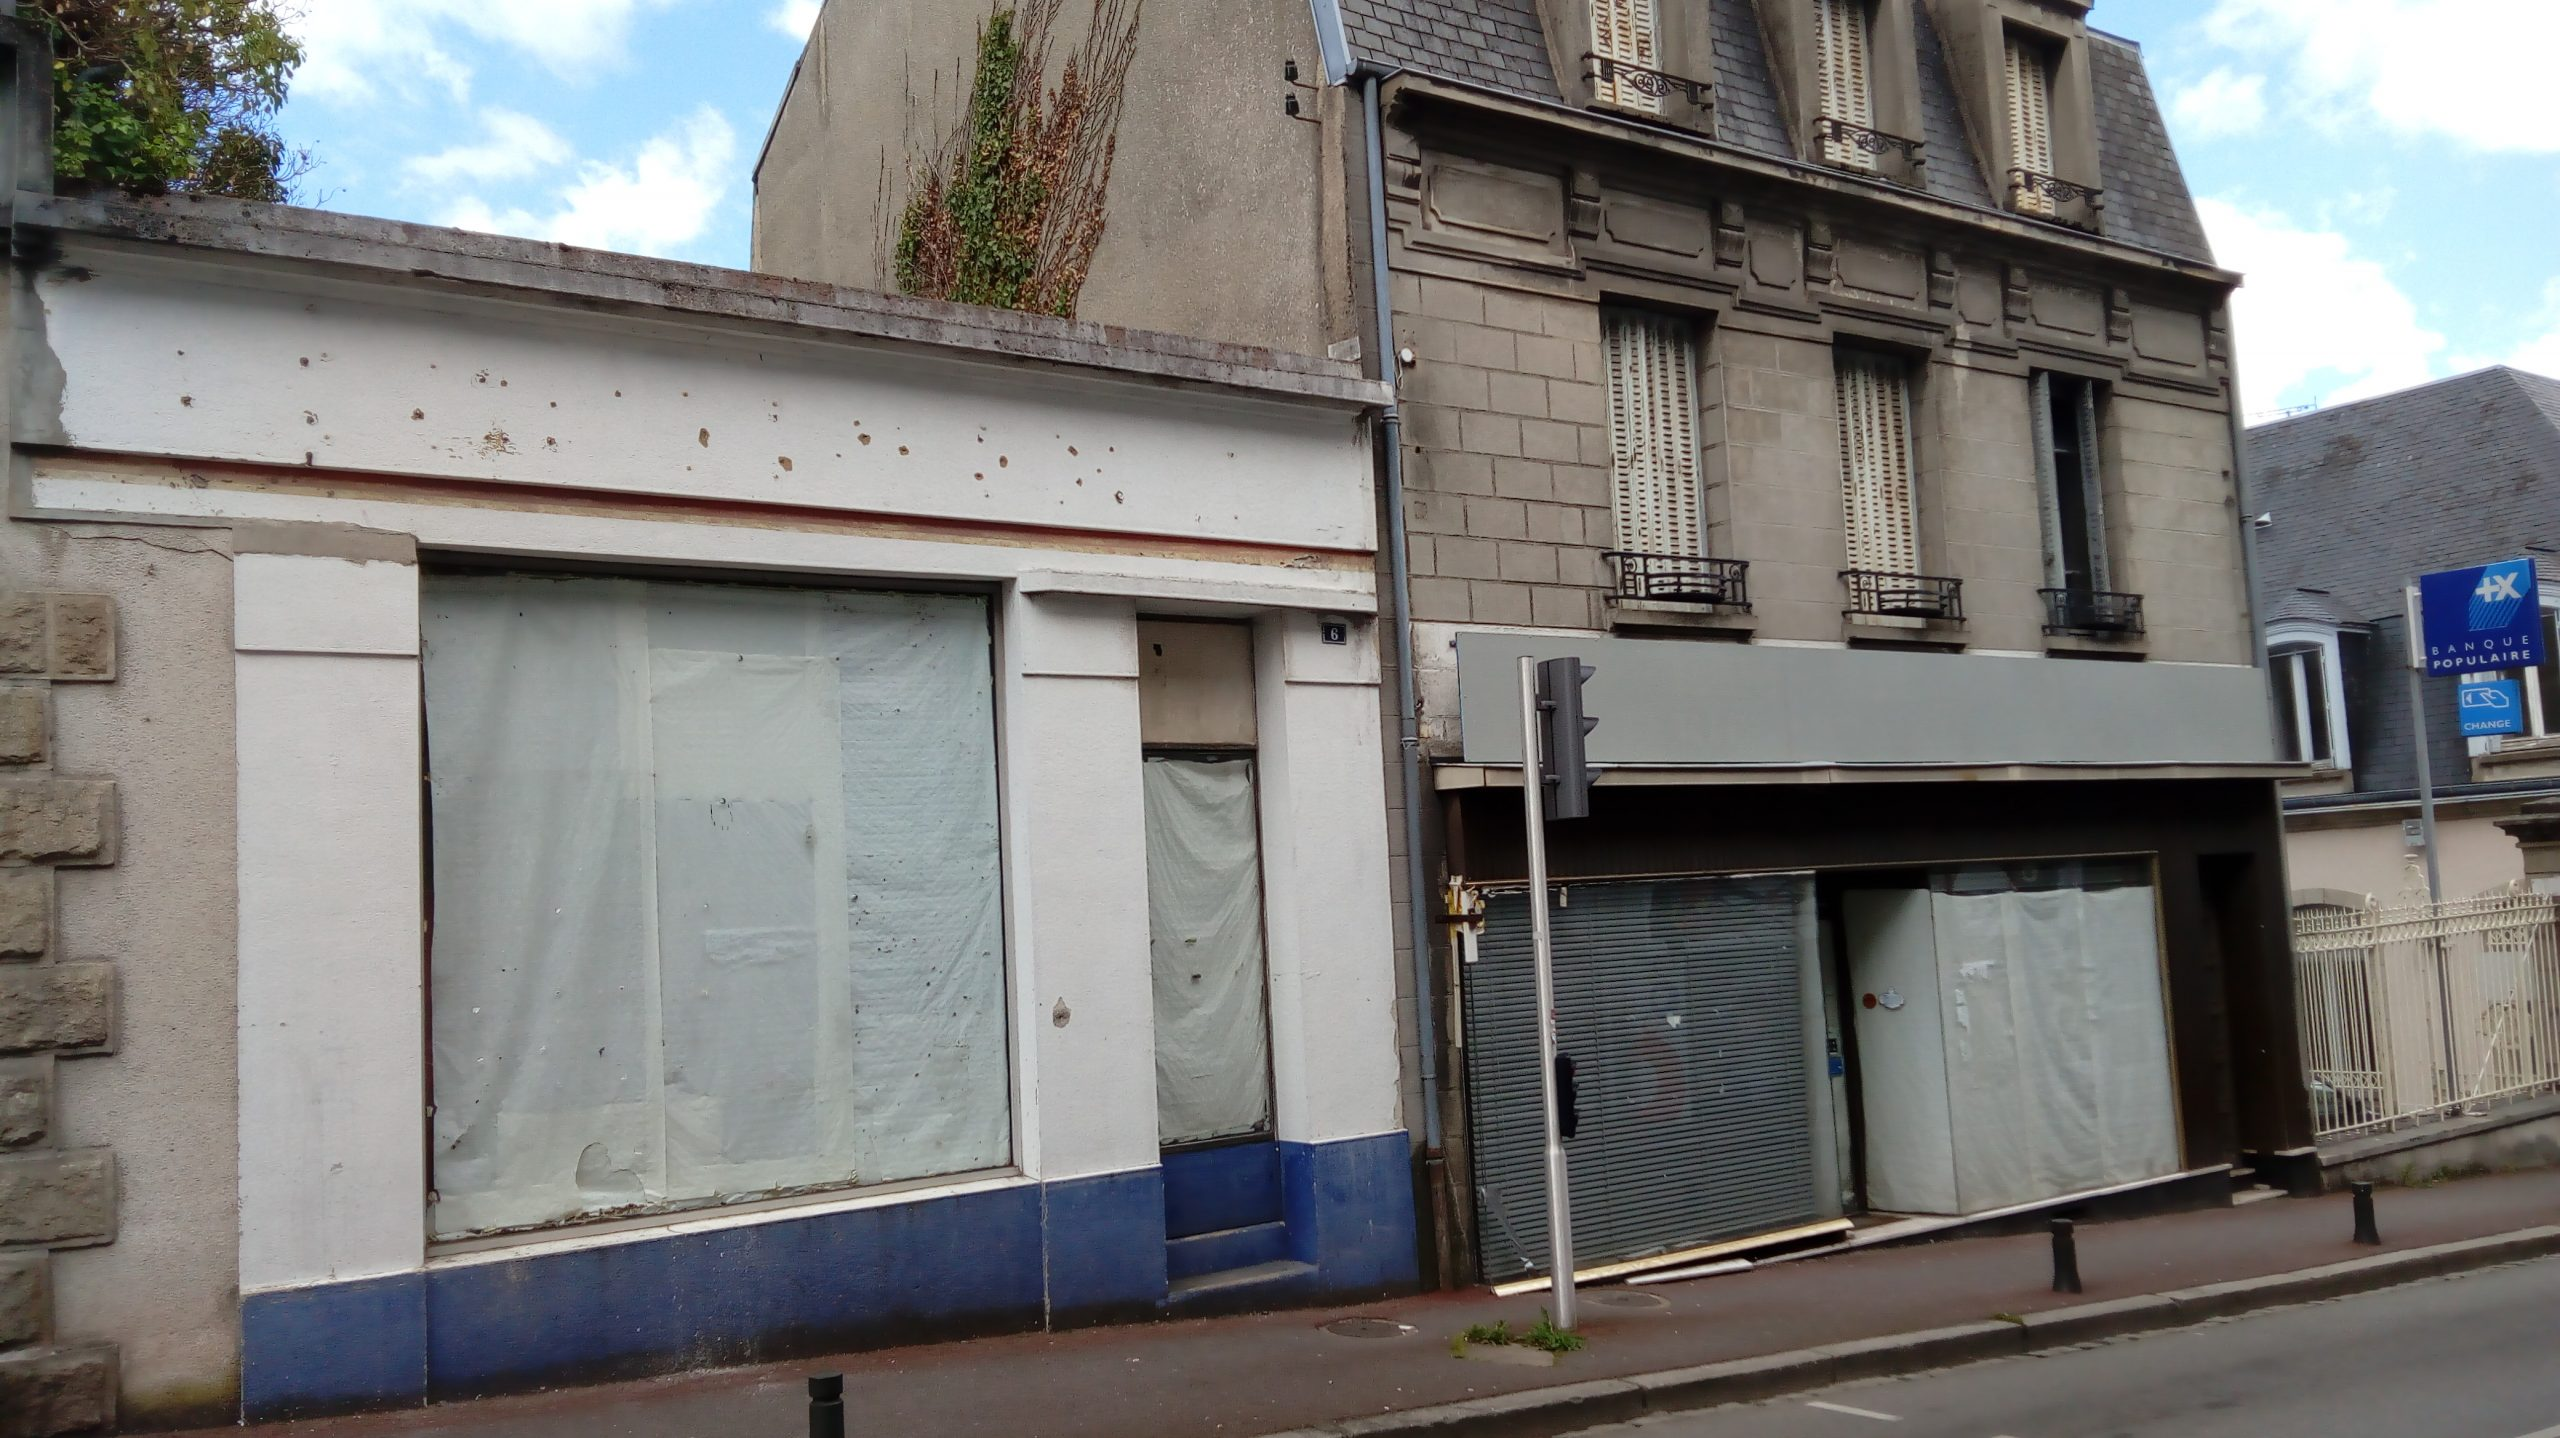 L'ilot Carnot - Ville De Guéret - Site Officiel encequiconcerne Piscine De Gueret